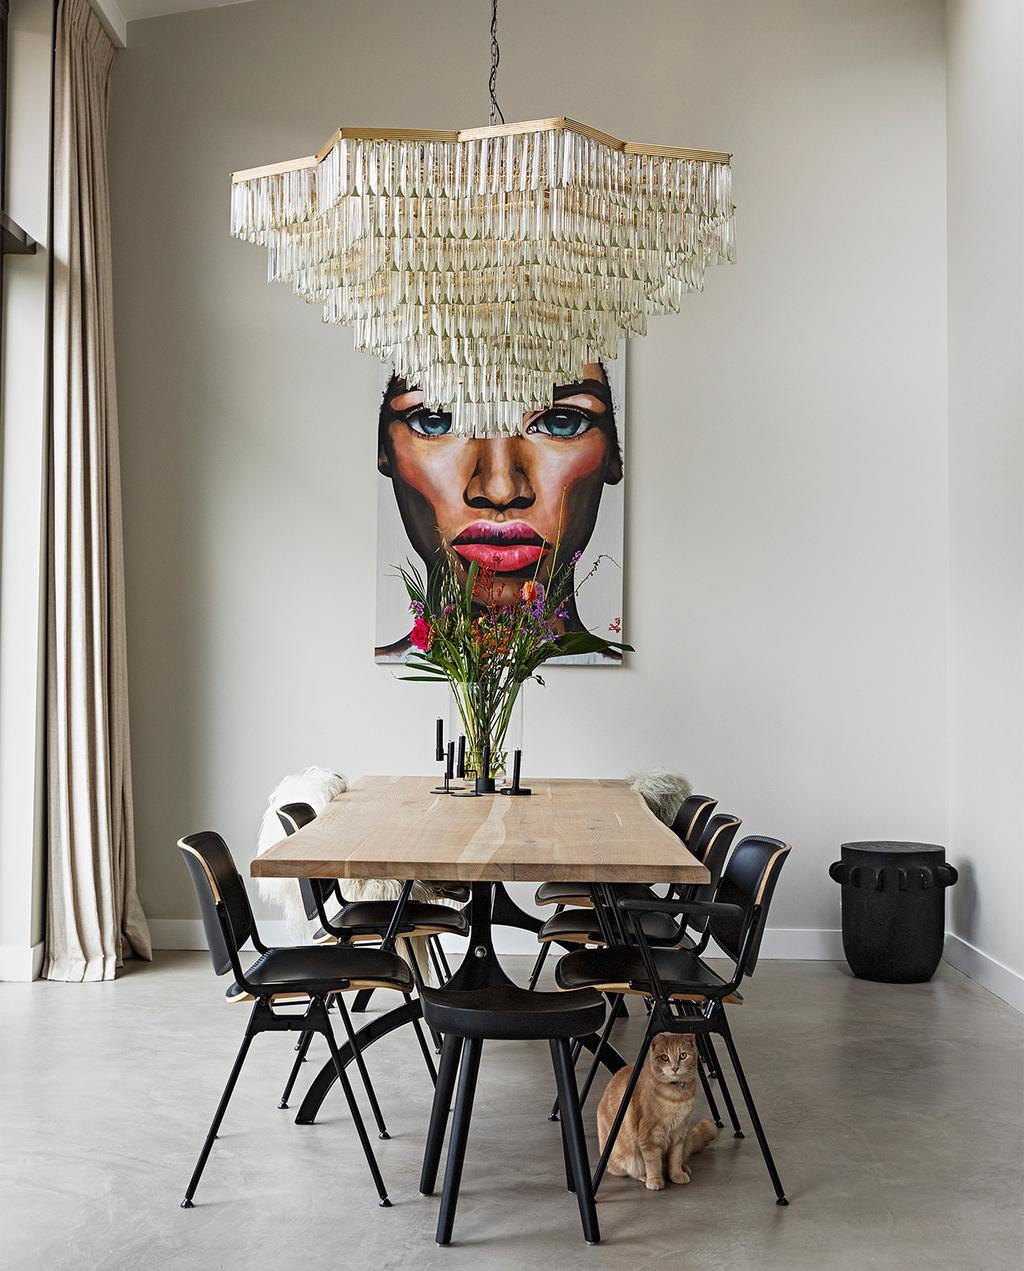 vtwonen 08-2021 | eettafel met plek voor negen personen en een grote kandelaar, met op de achtergrond een schilderij van een vrouw